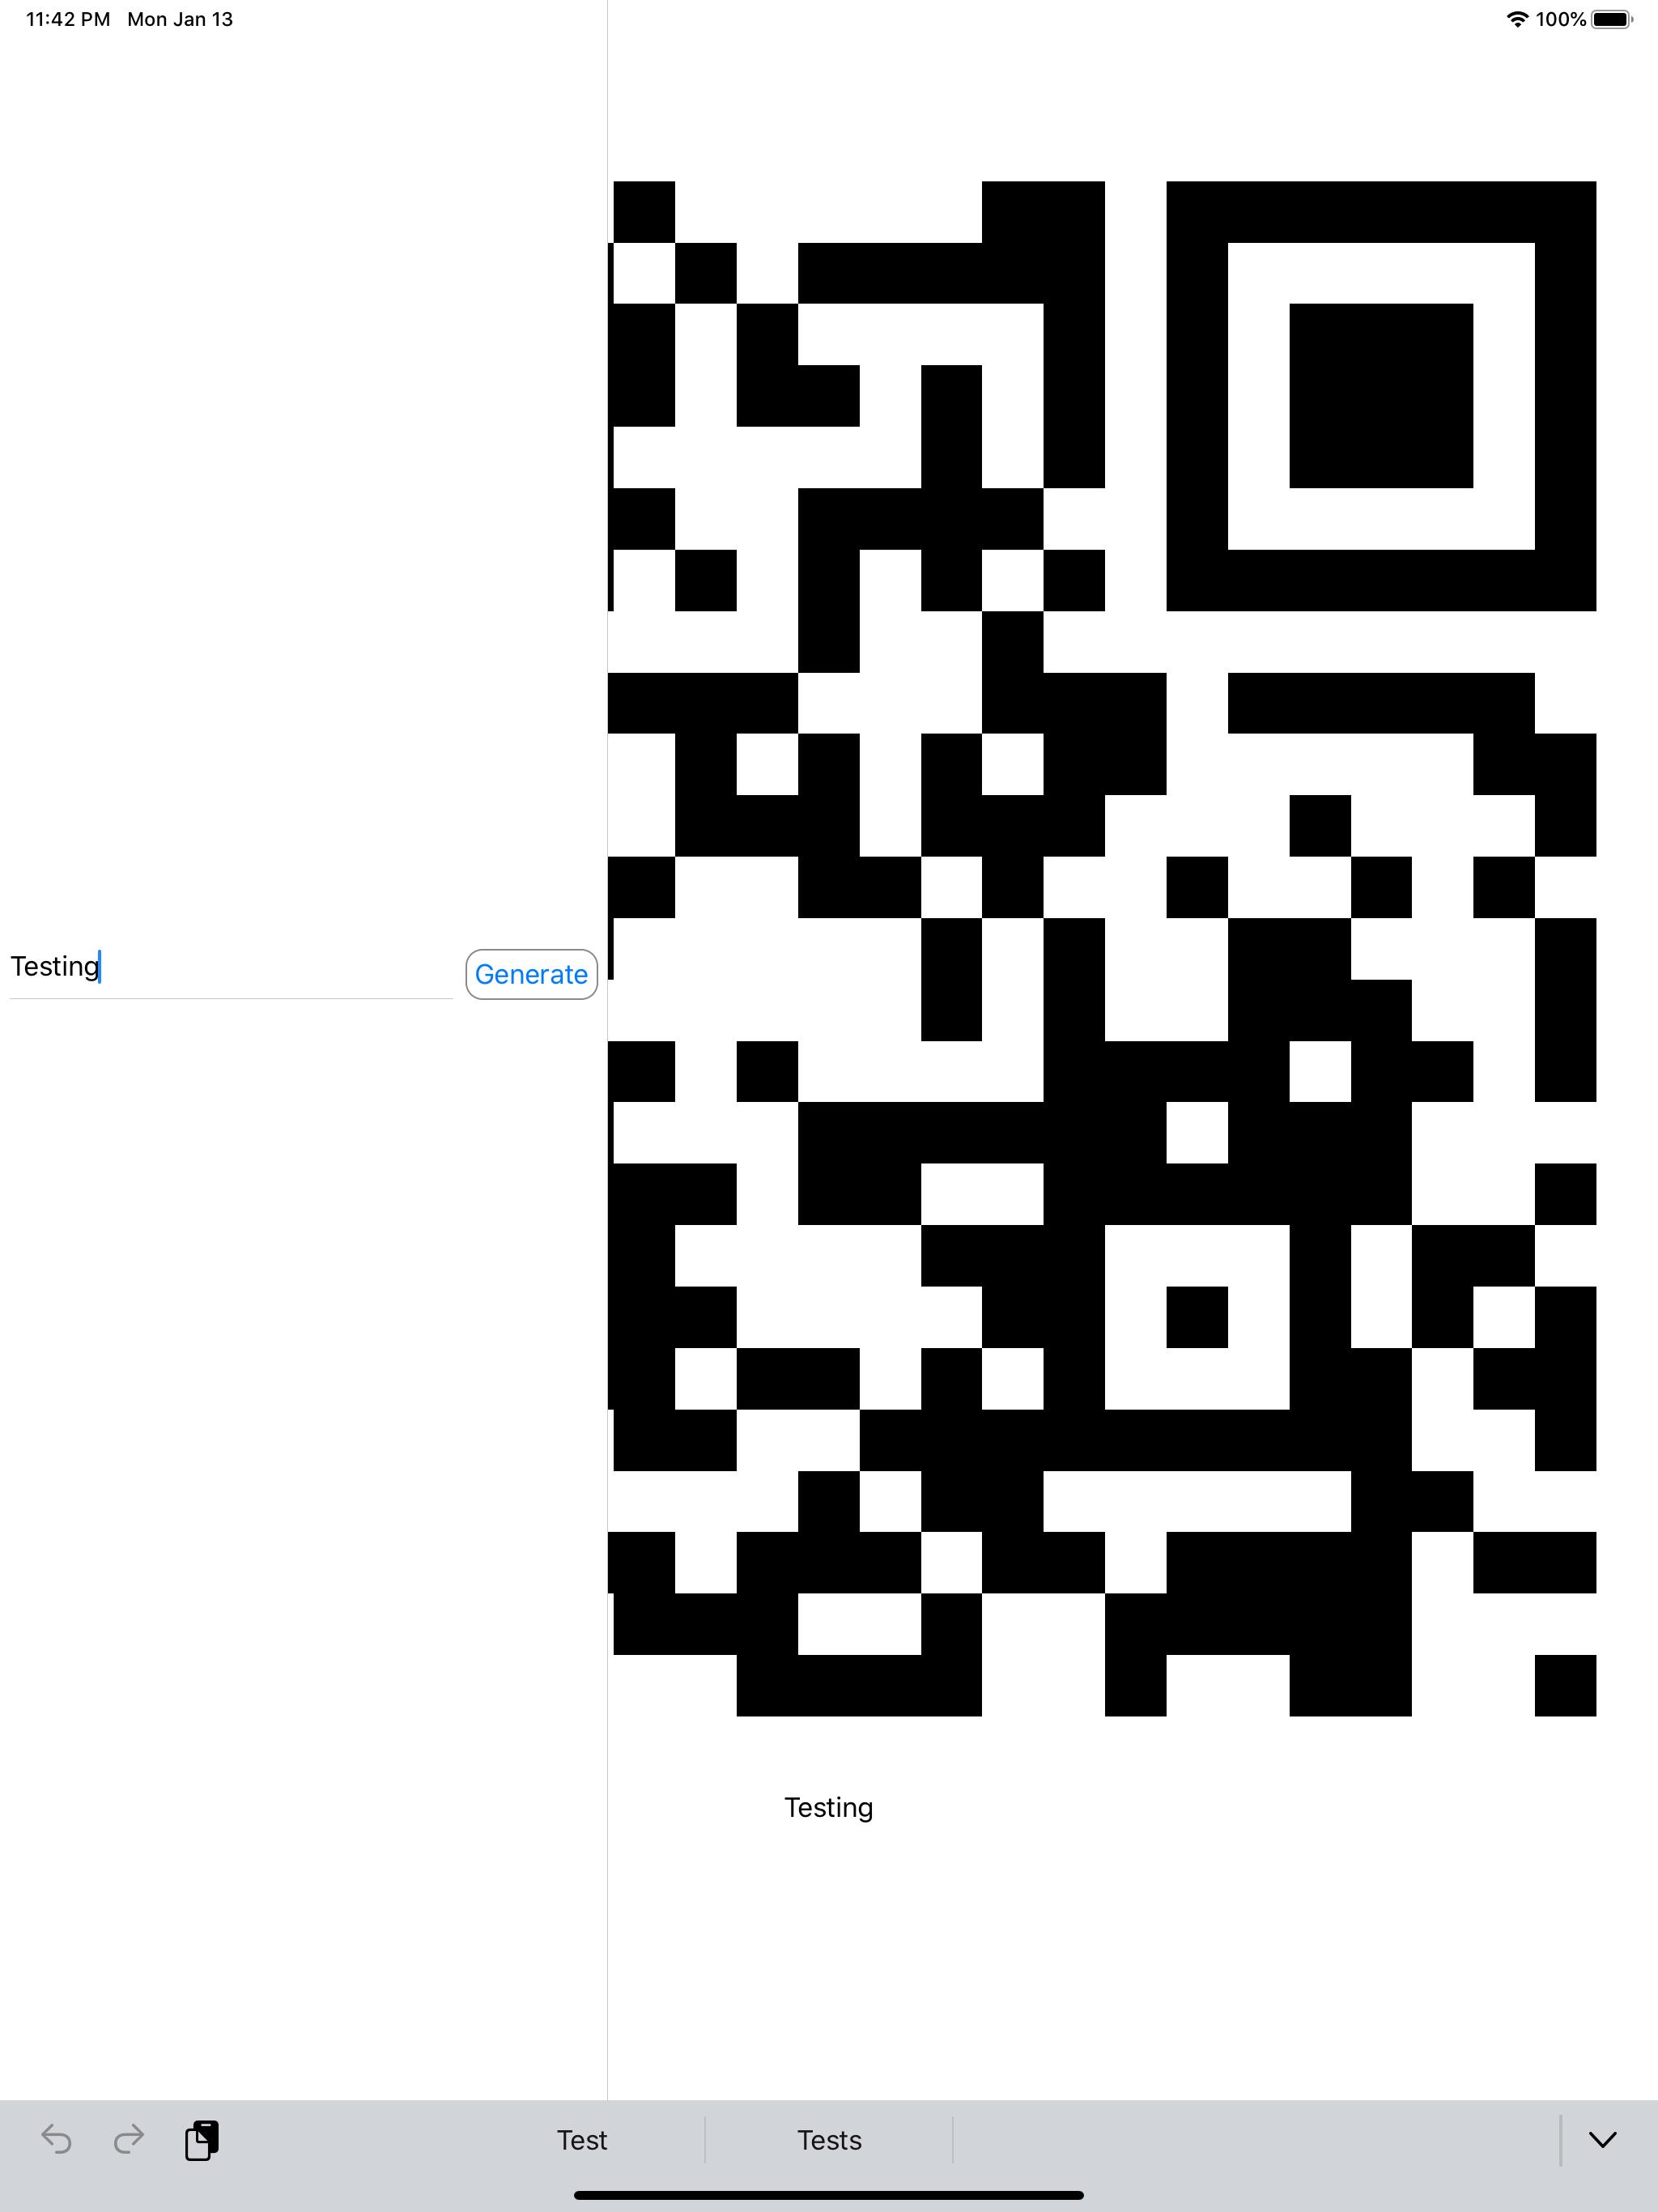 Simulator Screen Shot - iPad Pro (12.9-inch) (3rd generation) - 2020-01-13 at 23.42.24.png